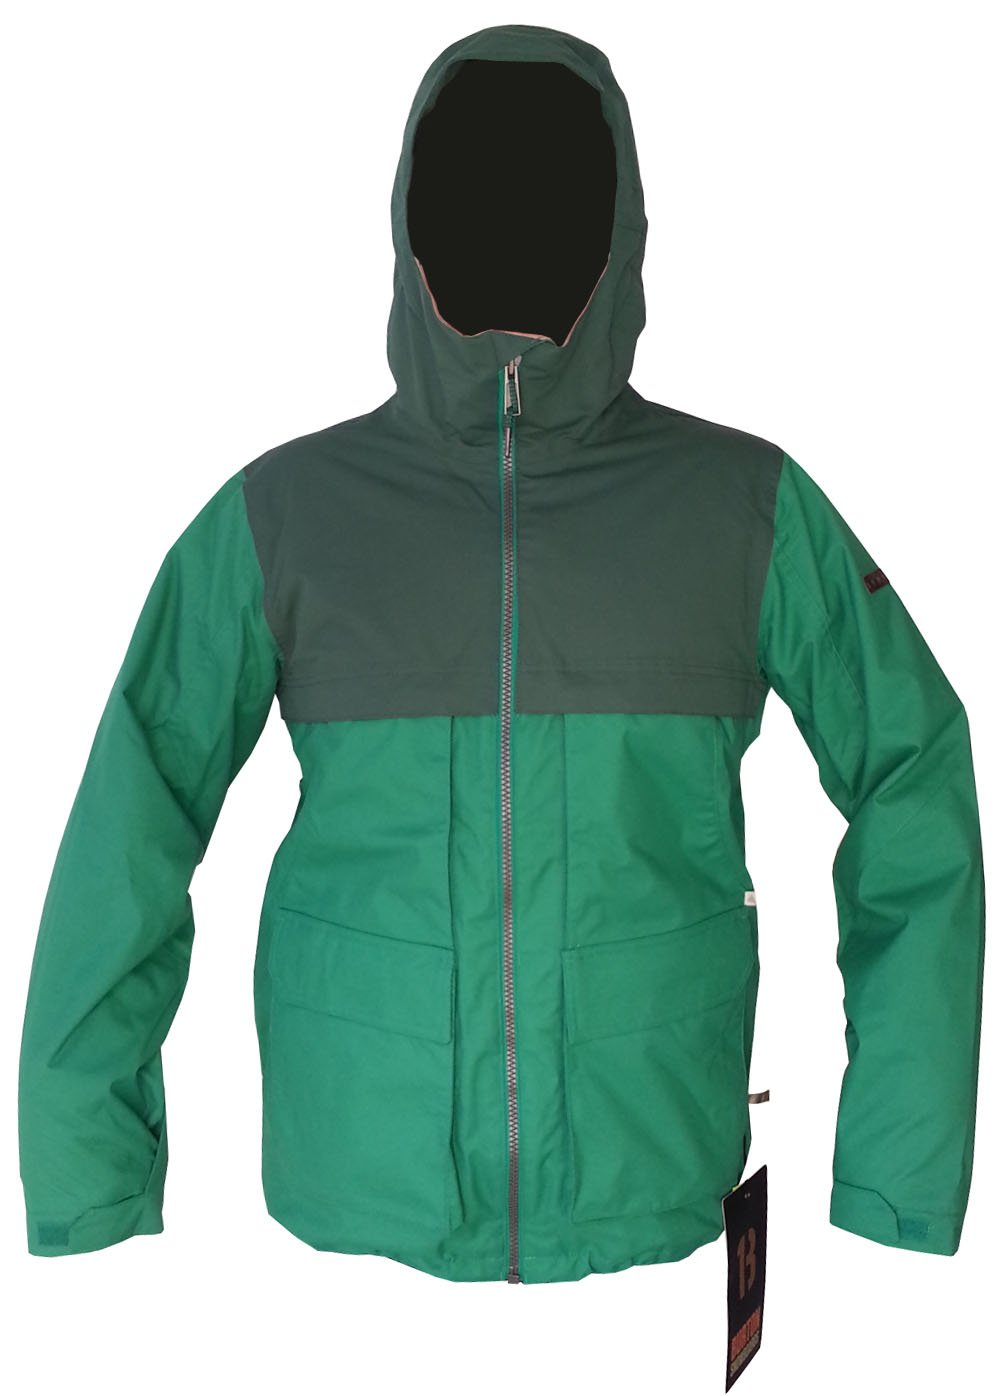 burton snowboard ski jacke arctic jacket wasserdicht winddicht atmungsaktiv jetzt kaufen. Black Bedroom Furniture Sets. Home Design Ideas